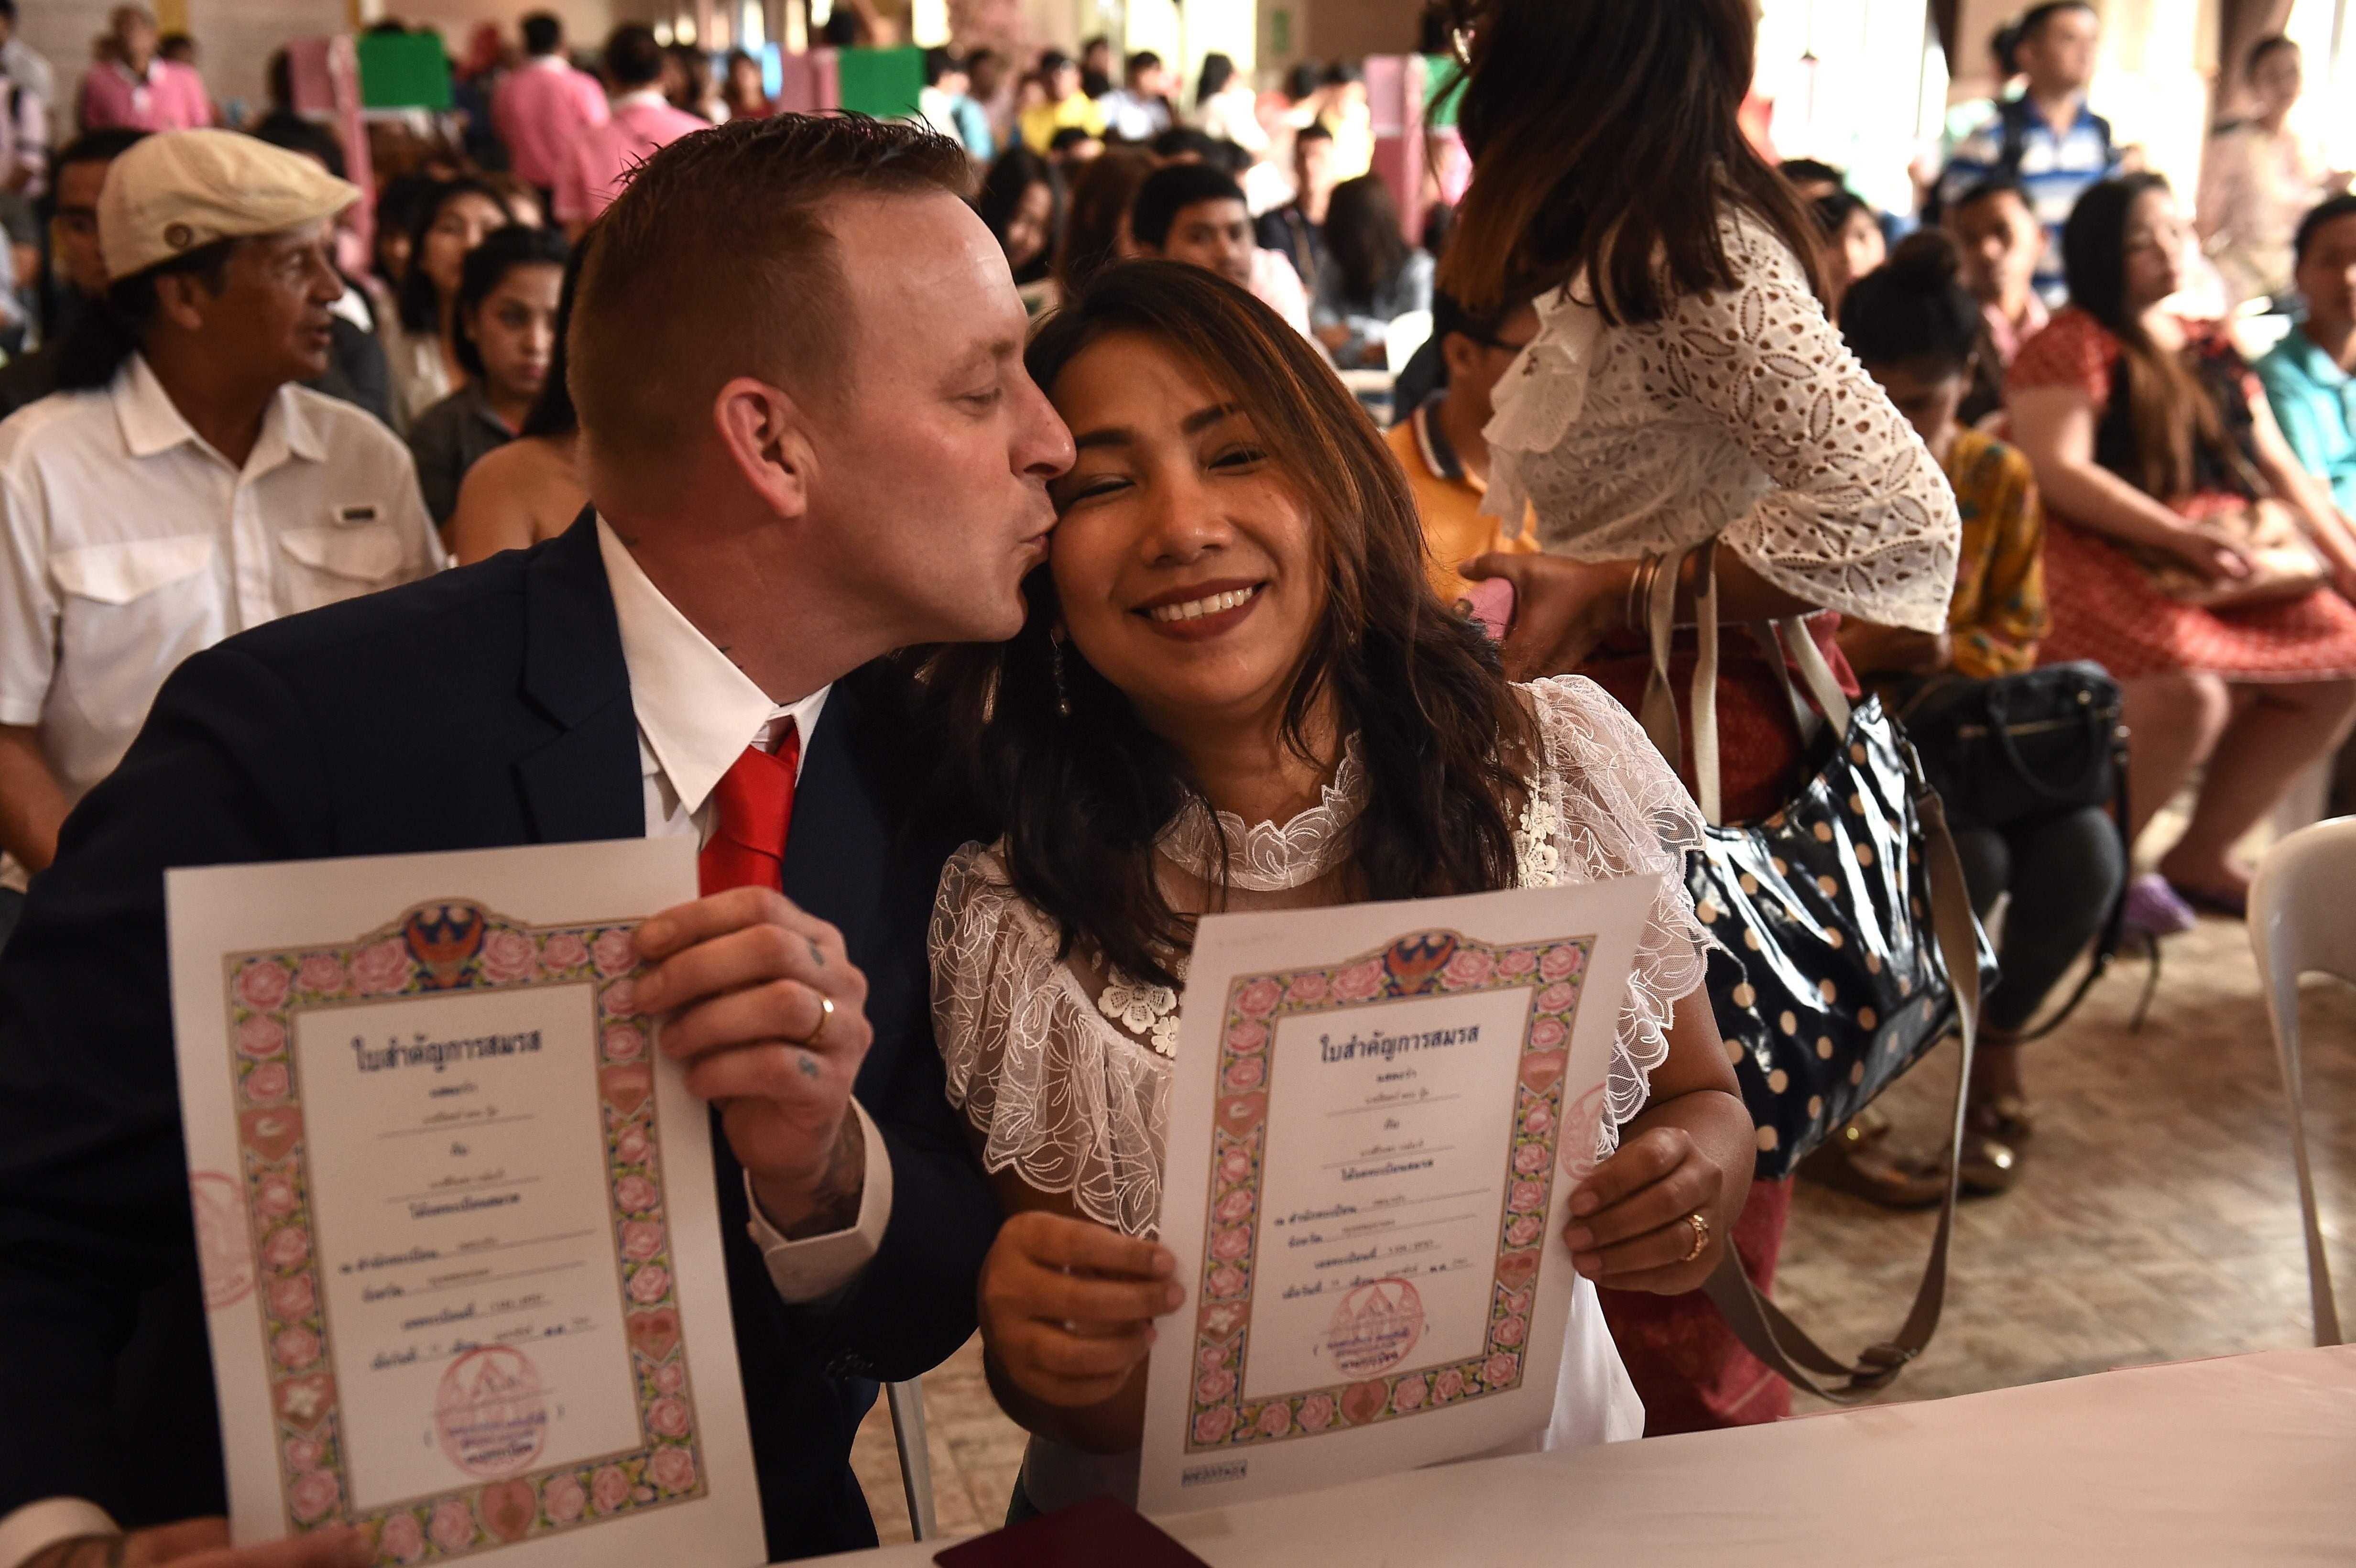 امرأة تايلاندية ورجل بريطاني يحملان شهادات زواجهما فى عيد الحب